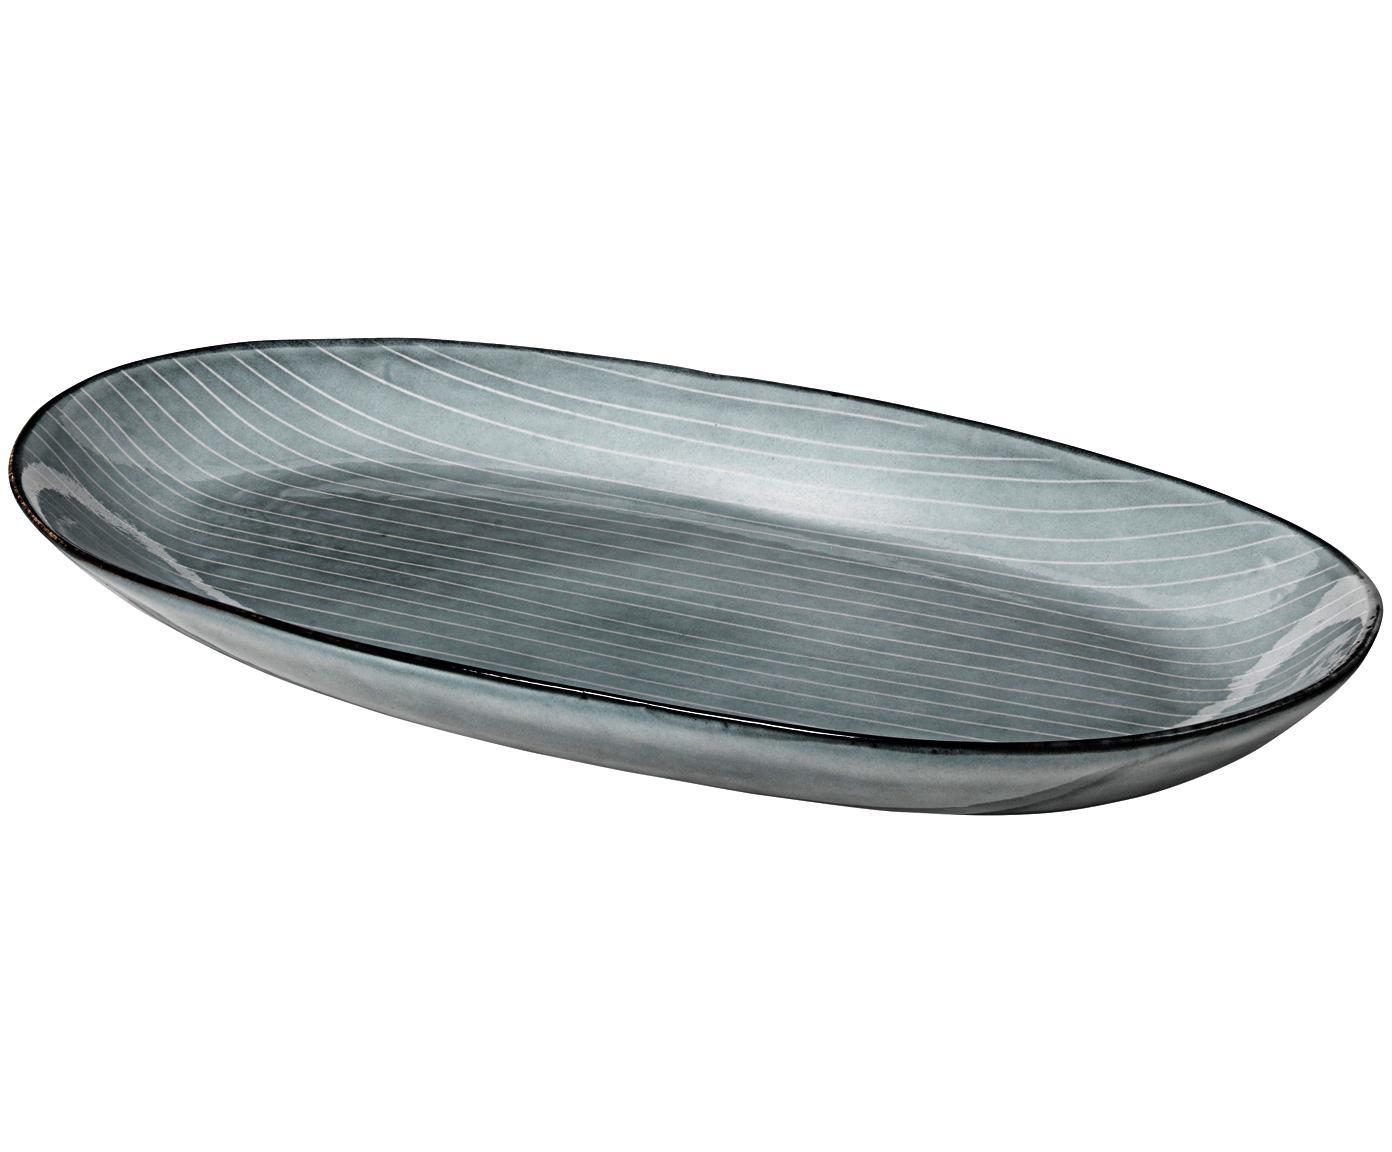 Fuente artesanal Nordic Sea, Gres, Tonos de gris y azul, L 30 x An 17 cm